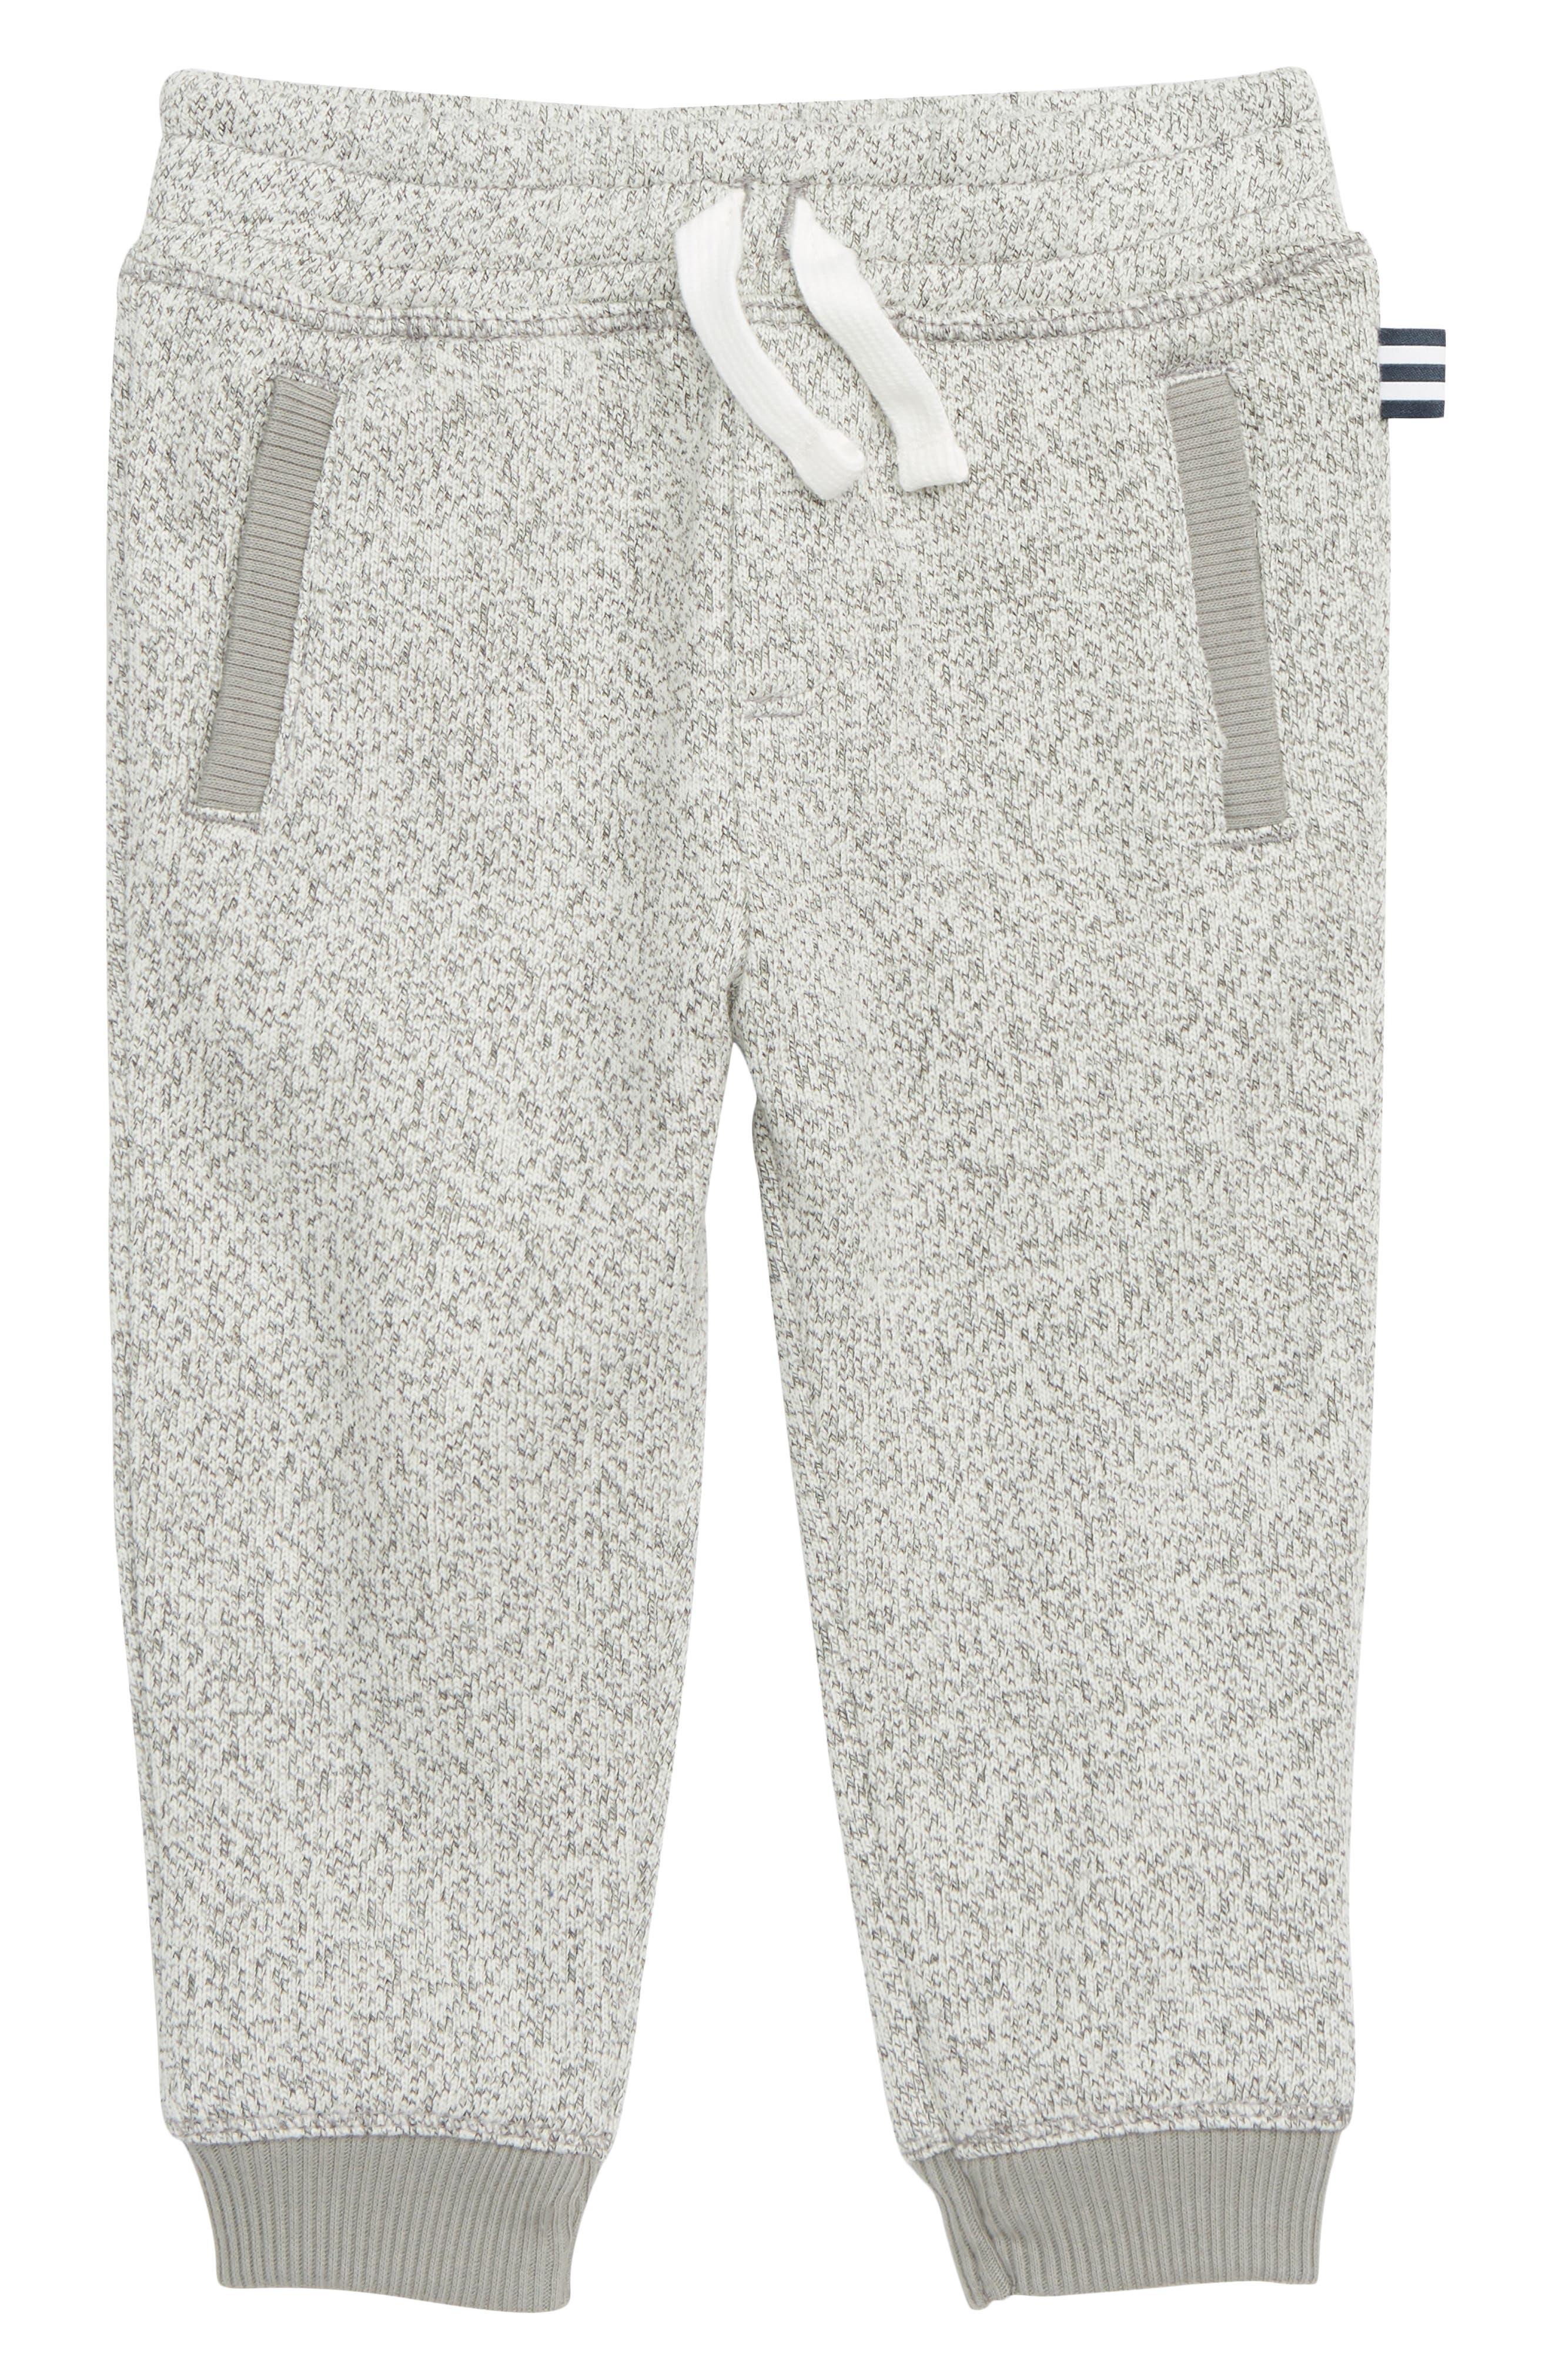 Marled Fleece Jogger Pants,                             Main thumbnail 1, color,                             FLINT GRAY